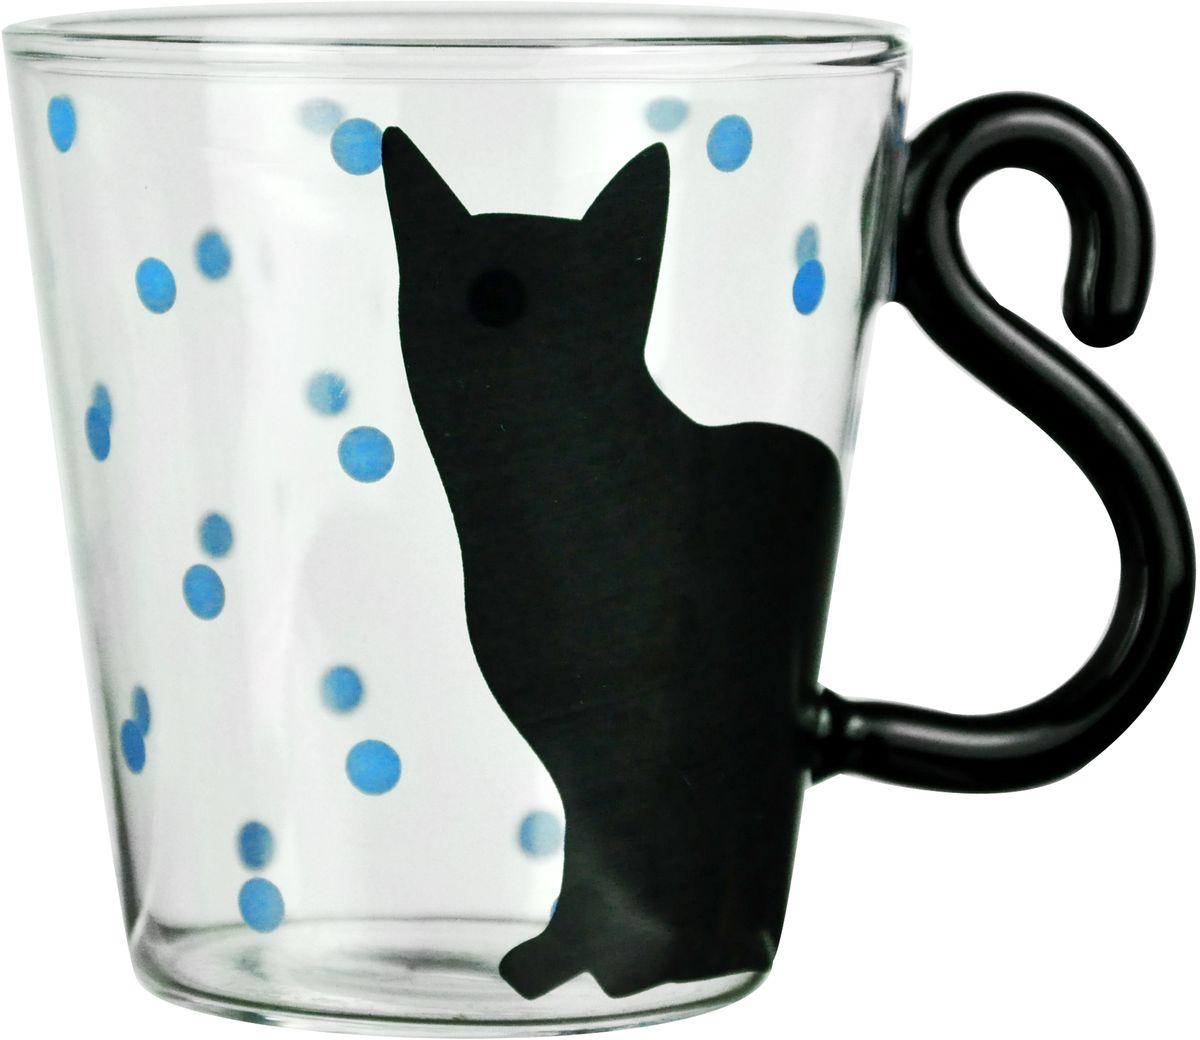 Кружка GiftnHome Черный кот, 240 мл. M-240 BlackCatM-240 BlackCatКружка GiftnHome выполнена из боросиликатного стекла и оформлена принтом. Яркая необычная кружка имеет широкую горловину и удобную ручку для повседневного использования. Не оставит равнодушным ни одного из ваших гостей и станет прекрасным выбором для подарка.